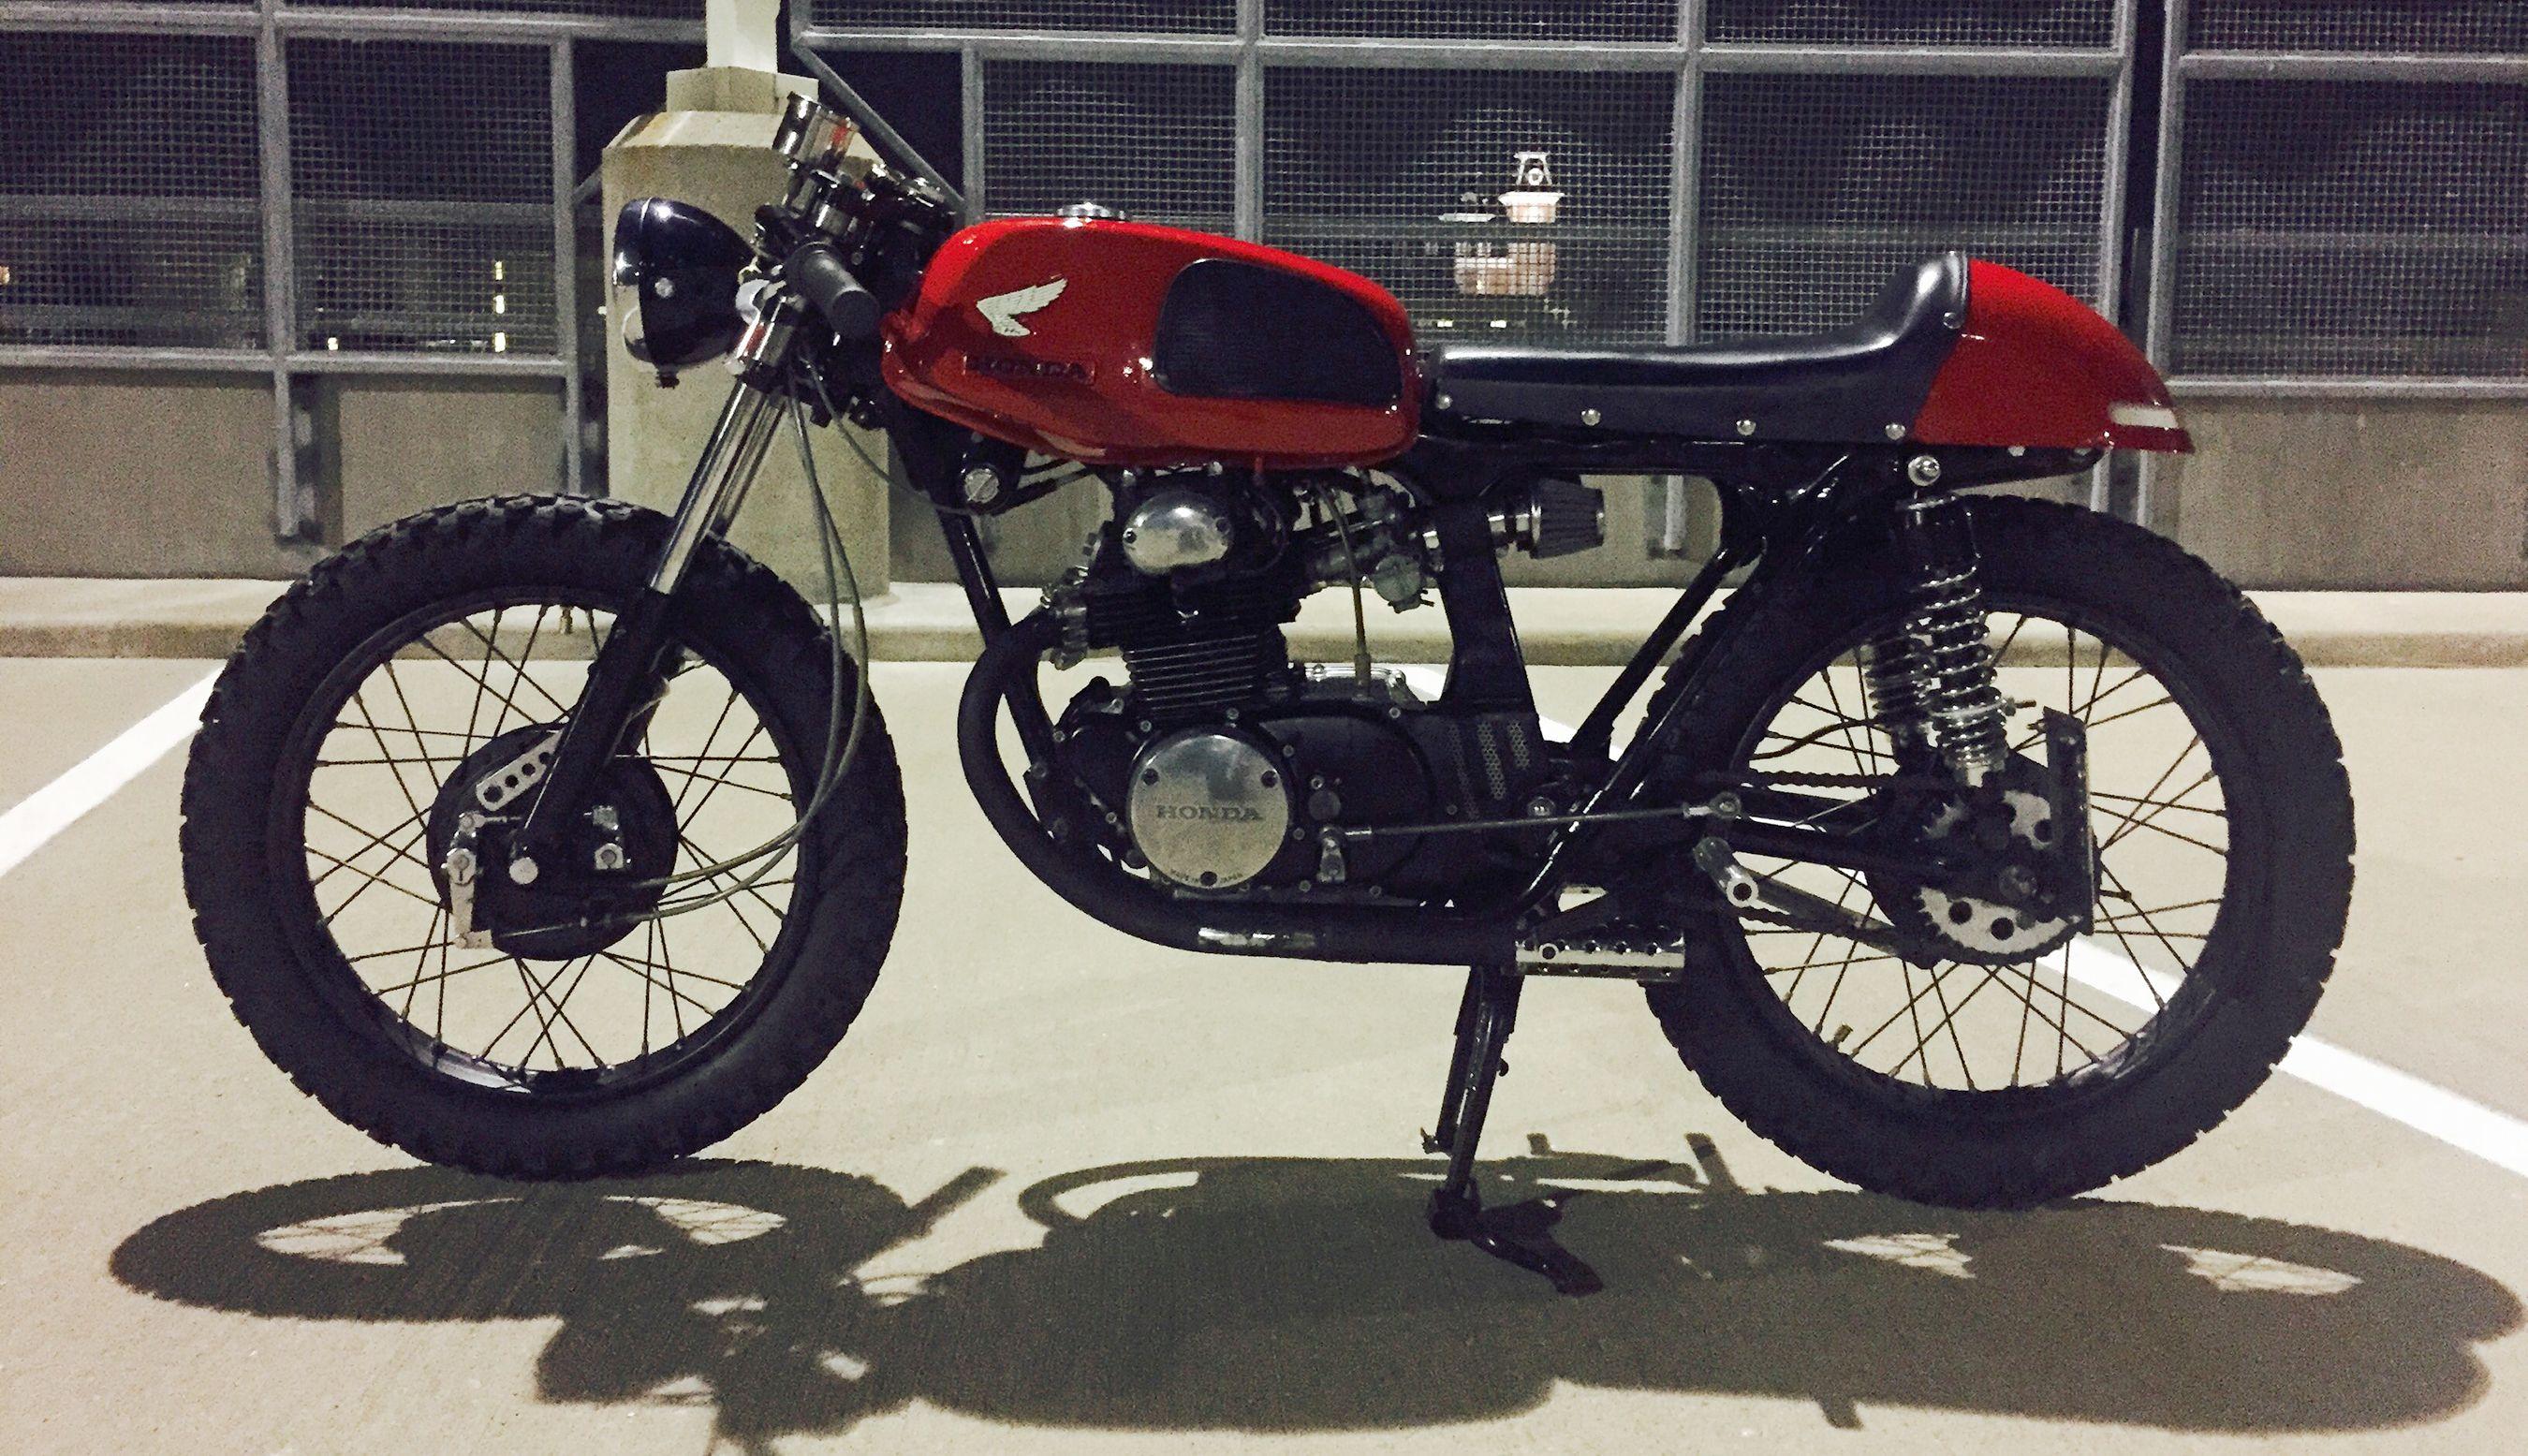 My 1972 Honda Cb175 Cafe Racer Moi